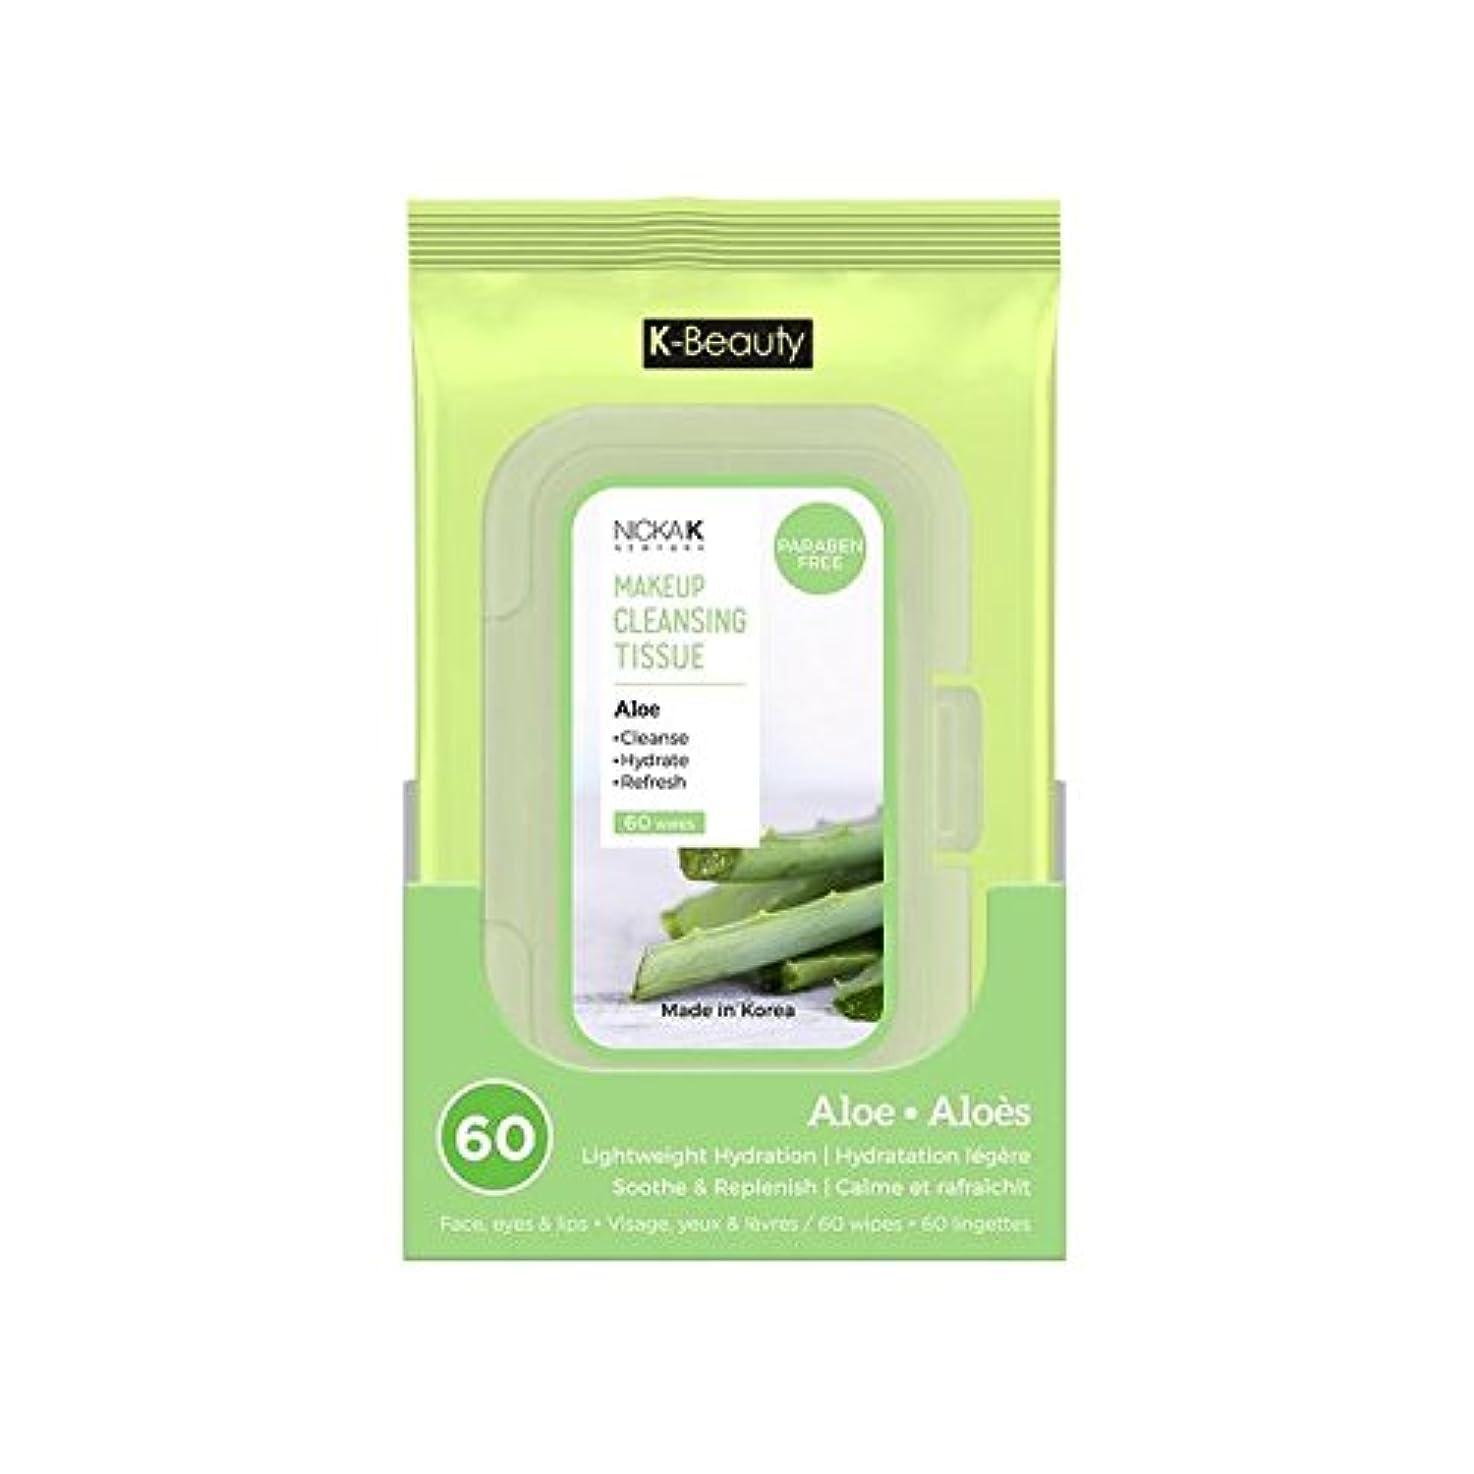 職業ハチ驚かすNICKA K Make Up Cleansing Tissue - Aloe (並行輸入品)